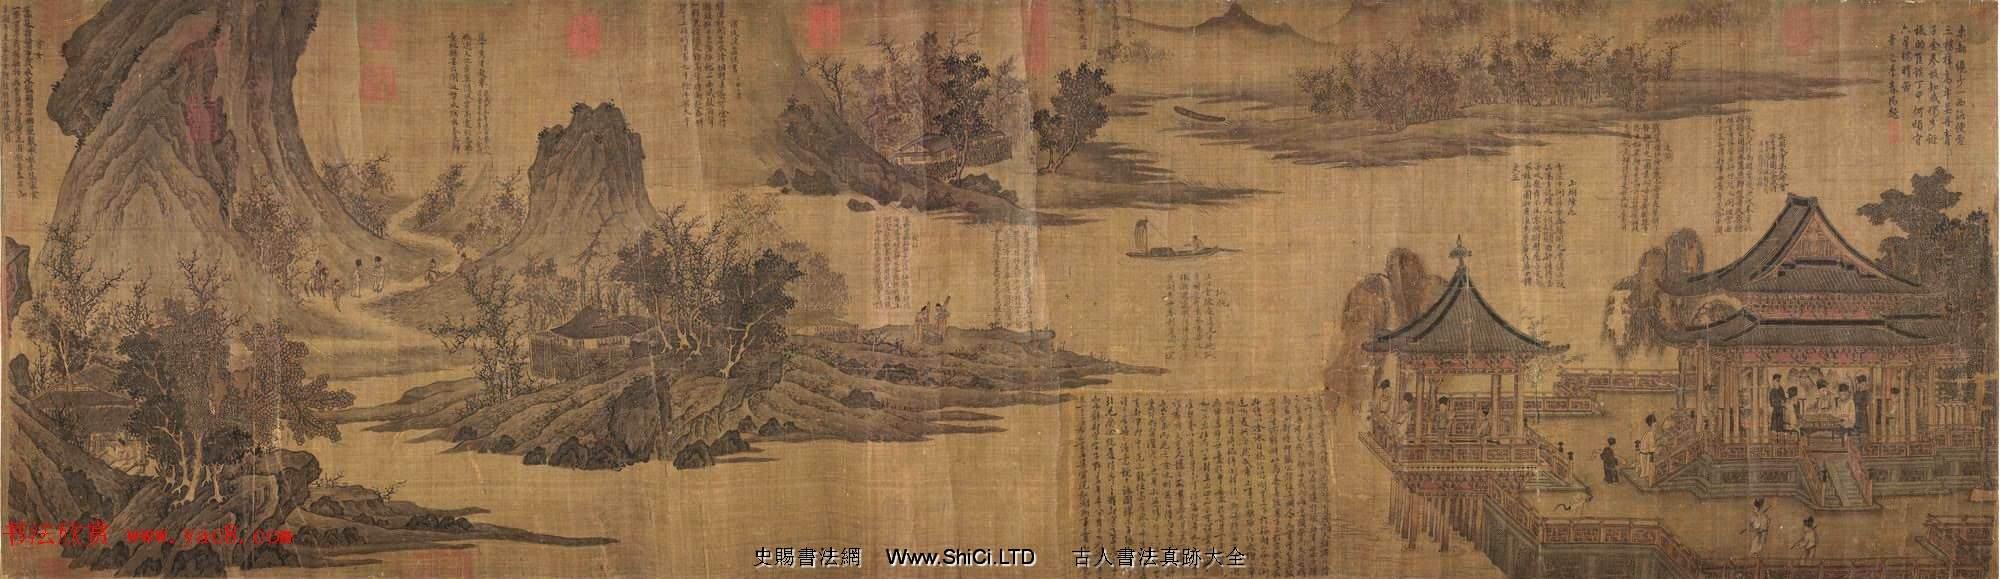 宋代張先82歲創作山水人物畫《十詠圖》(共6張圖片)